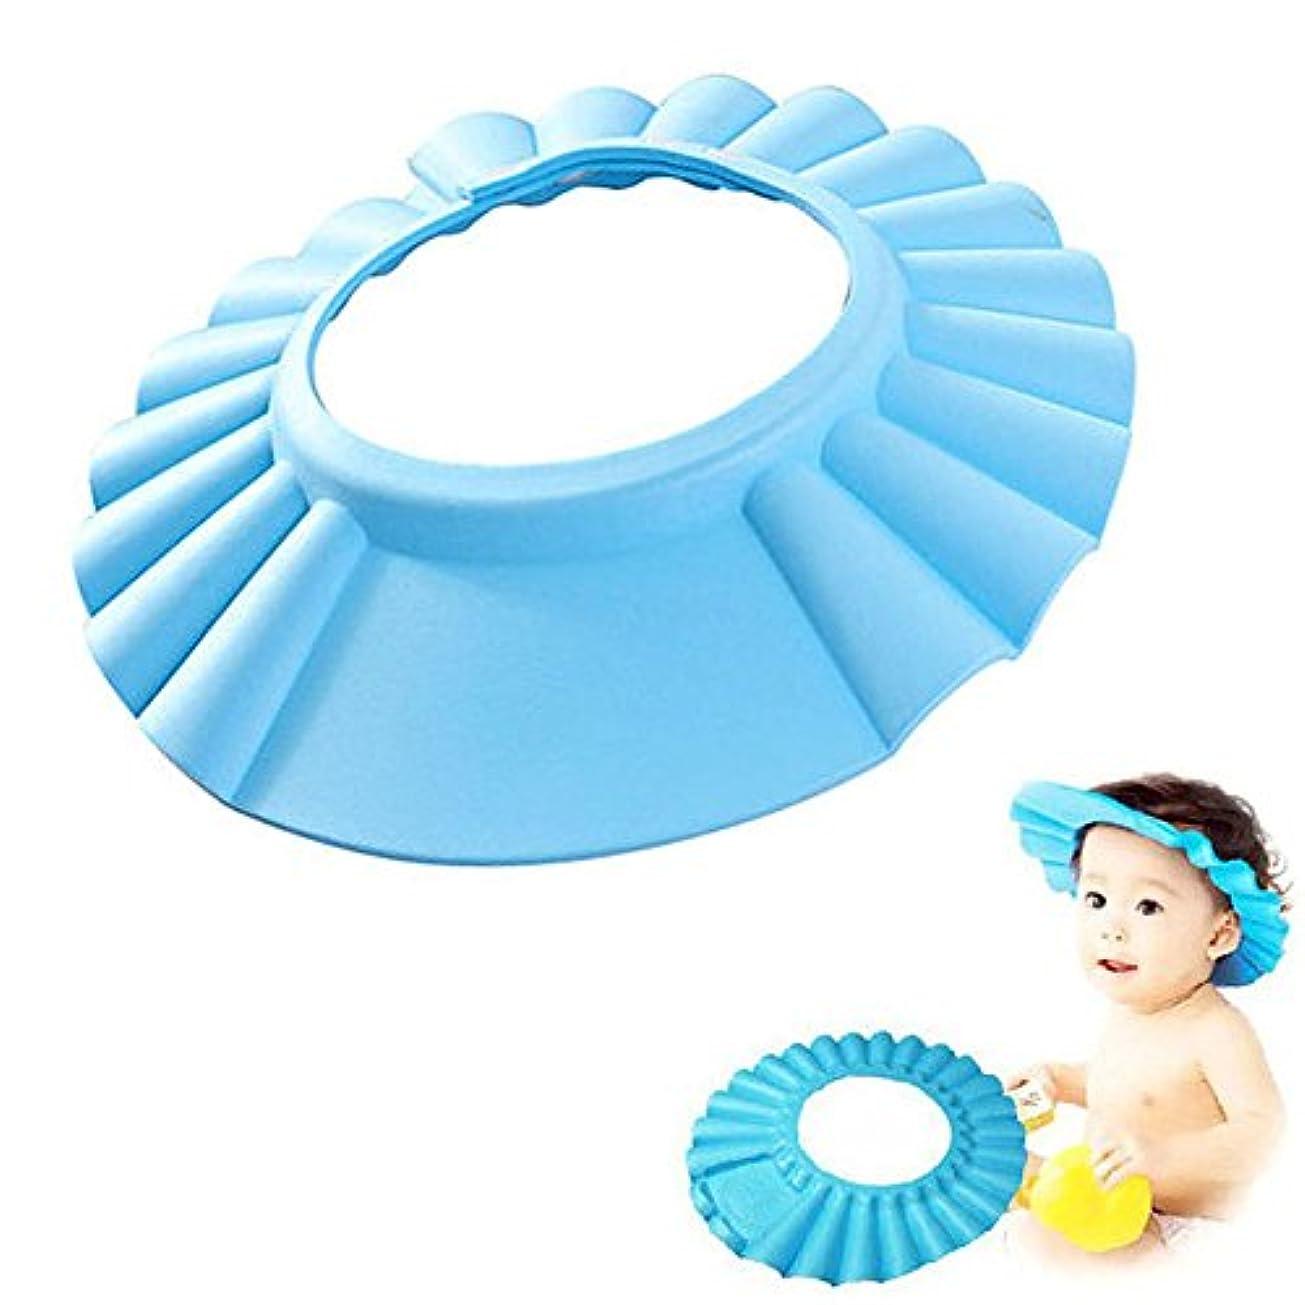 かわすポンペイ祖父母を訪問シャンプーハット 子供 洗髪用帽子 お風呂 防水帽 水漏れない樹脂 サイズ調節 (ブルー)